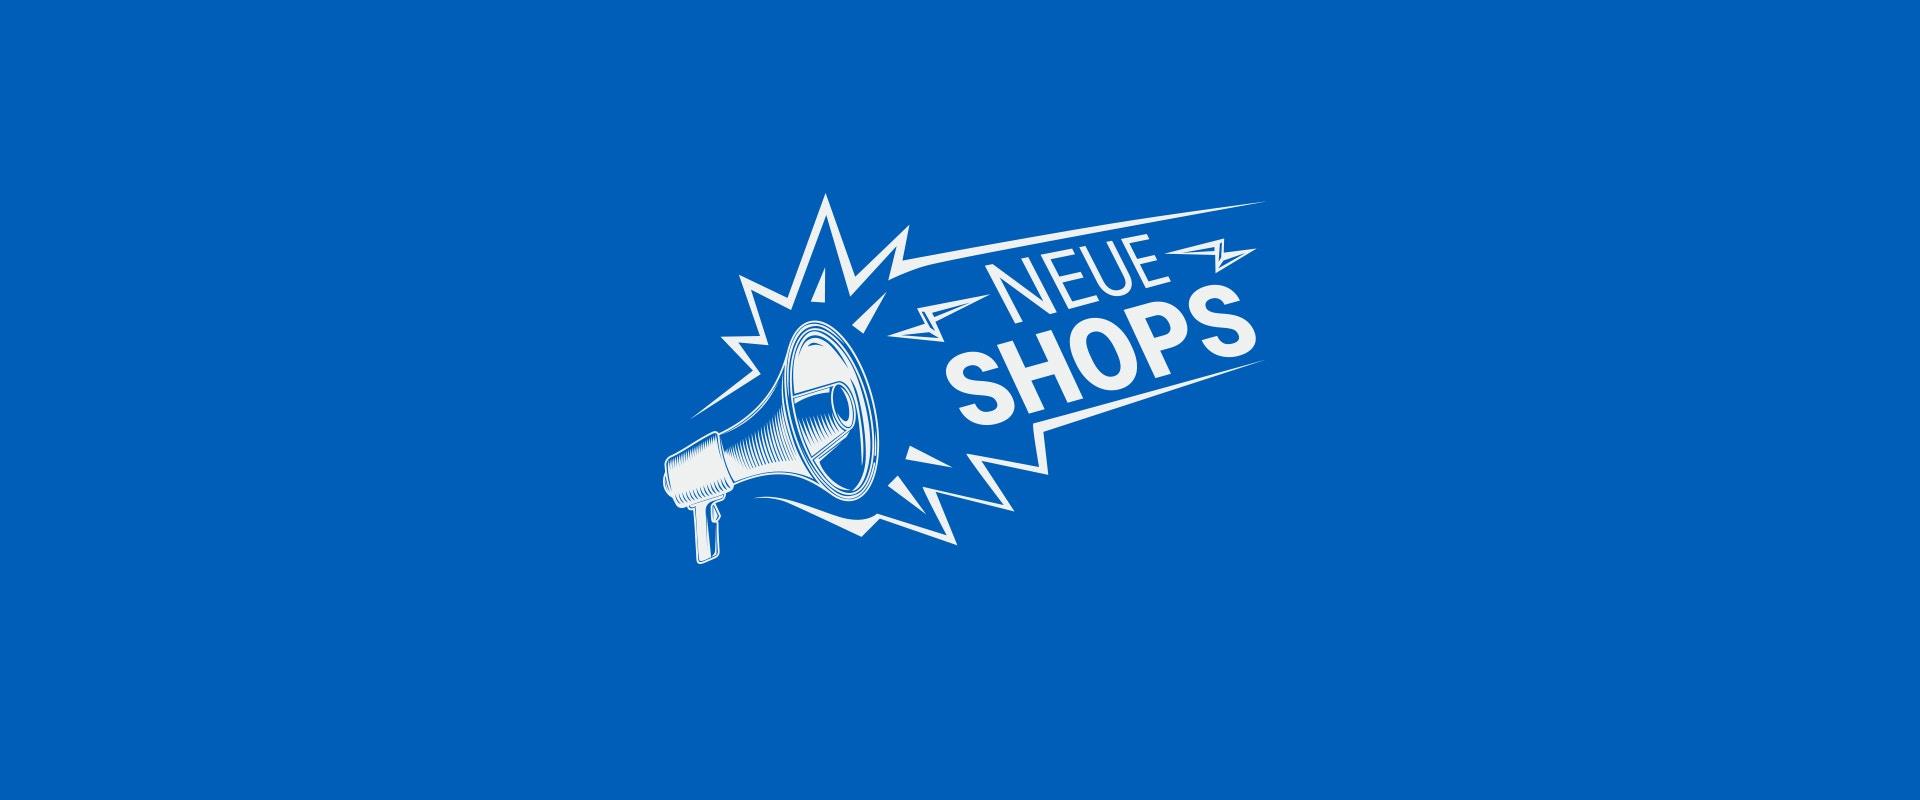 """Der Schriftzug """"Neue Shops"""" auf blauem Hintergrund"""